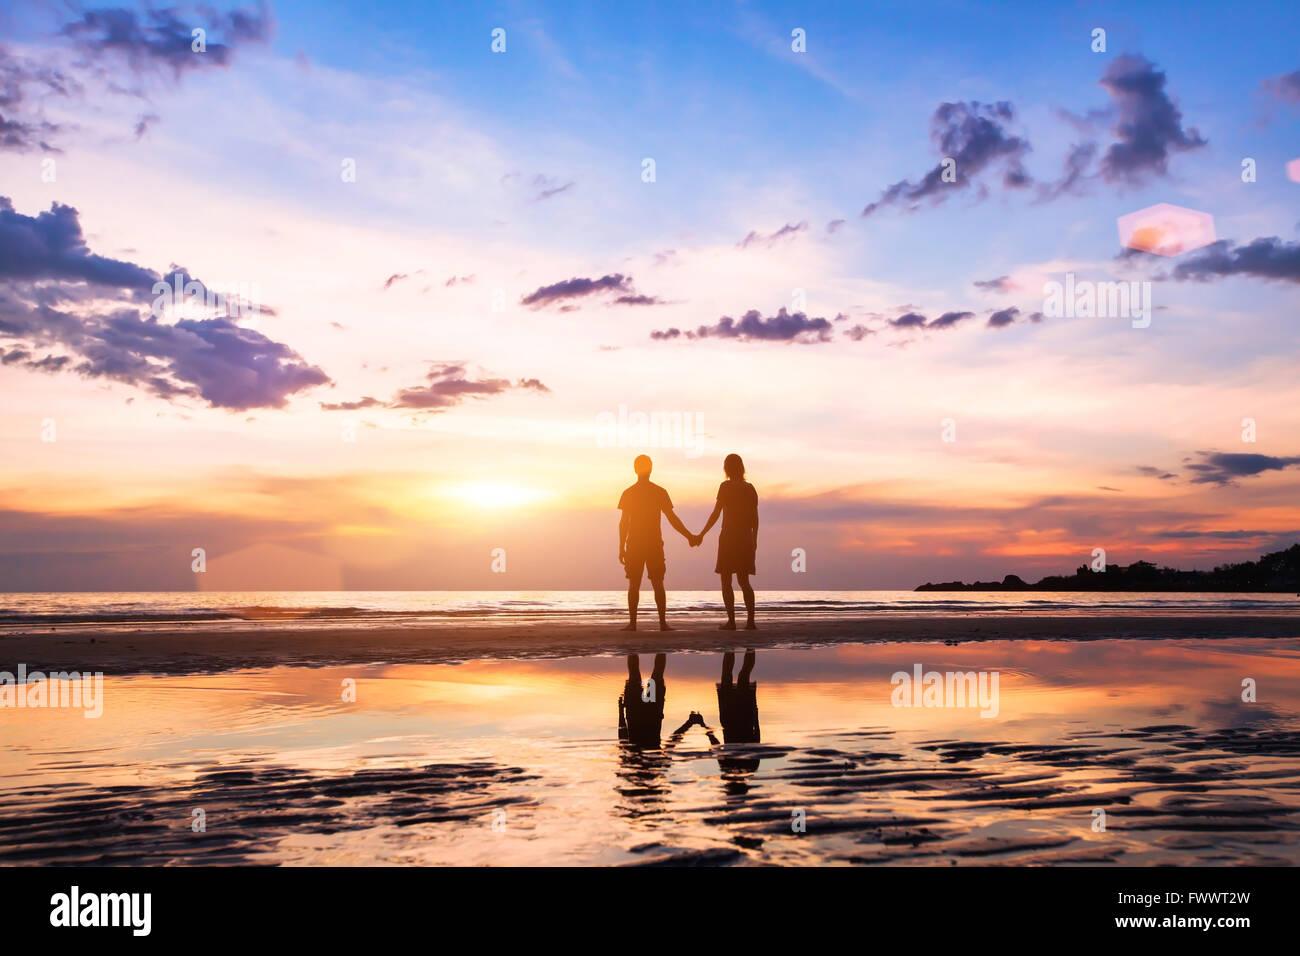 Casal romântico na praia ao pôr-do-sol, silhuetas do homem e da mulher juntos Imagens de Stock